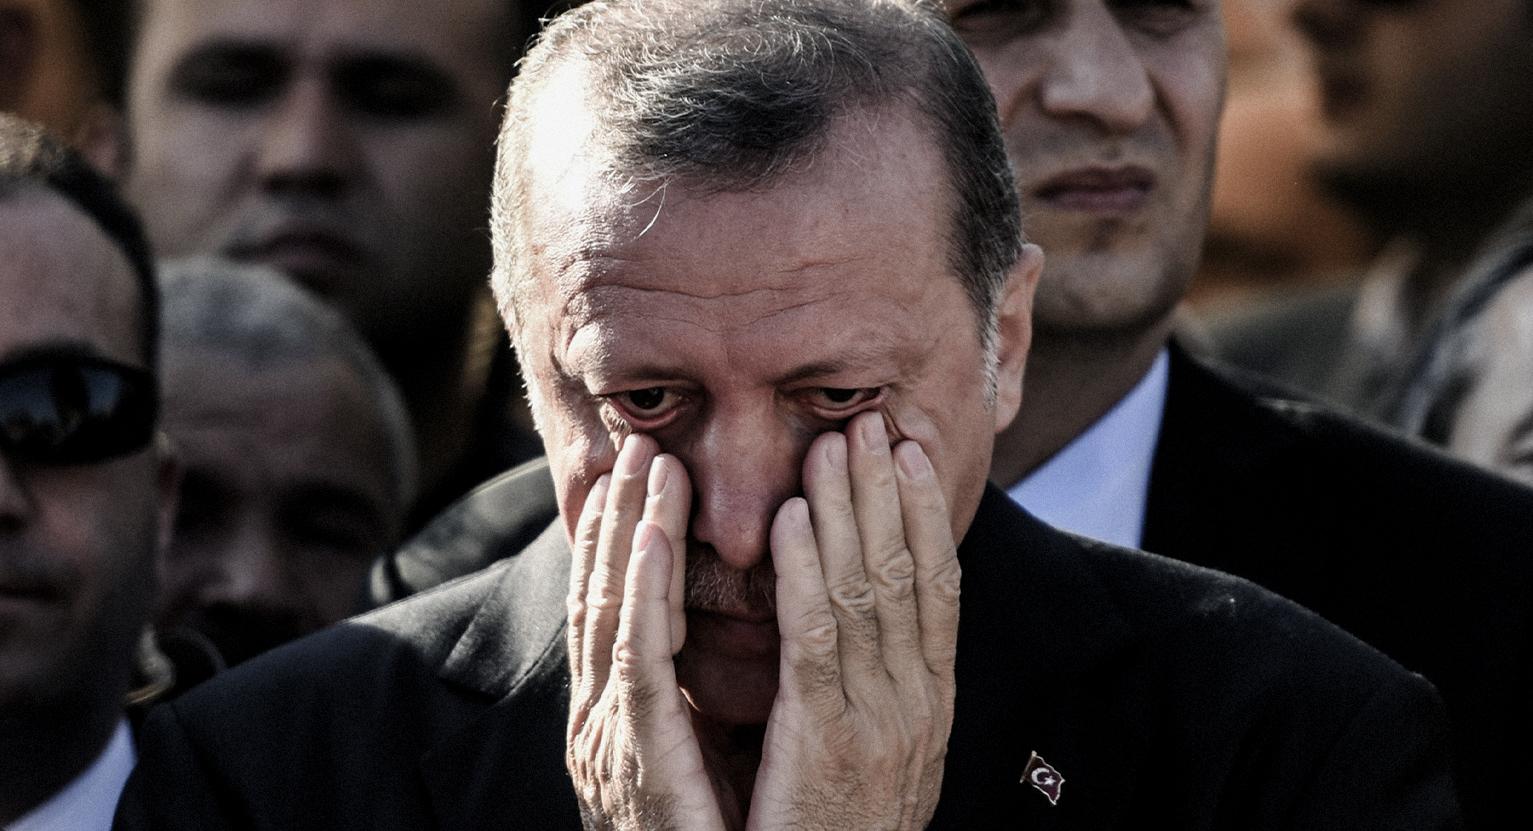 صورة القسطنطينية تسقط في أيدي الأعداء مرة أخرى